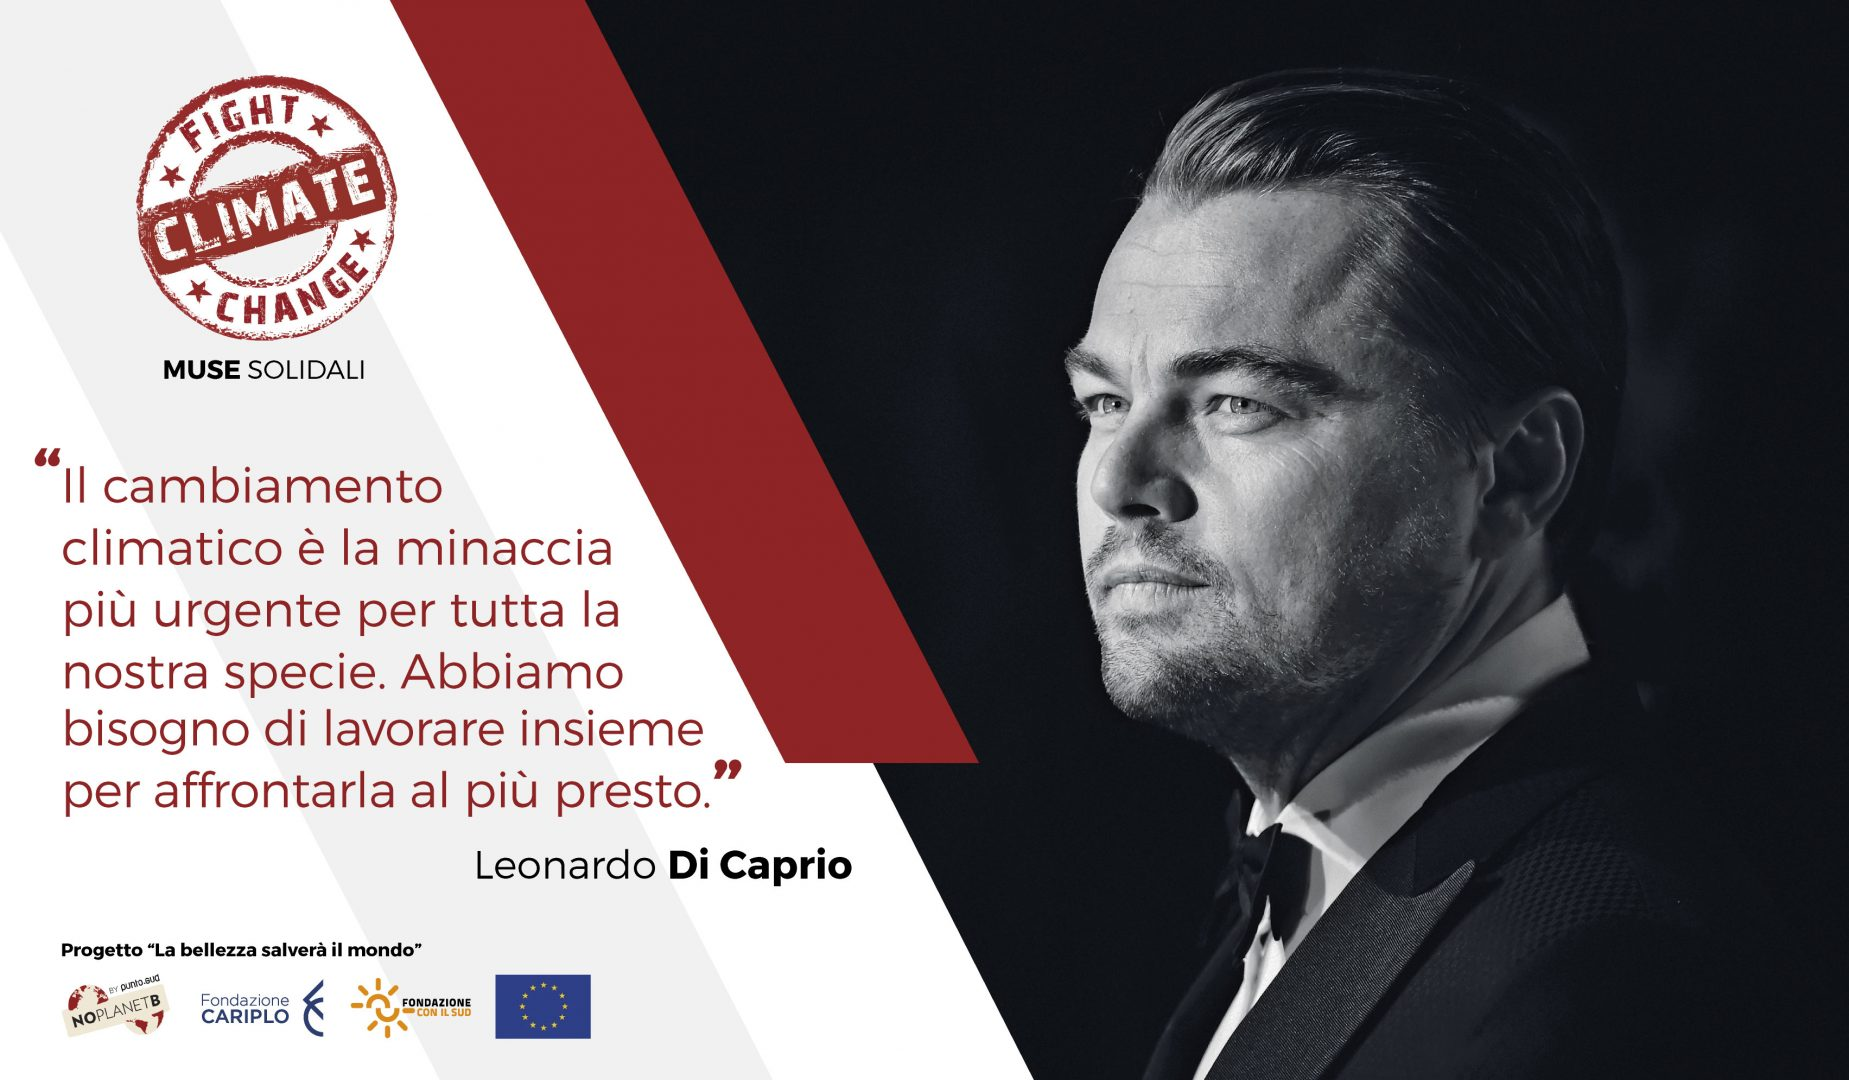 Leonardo-Di-Caprio-pannello-120x70